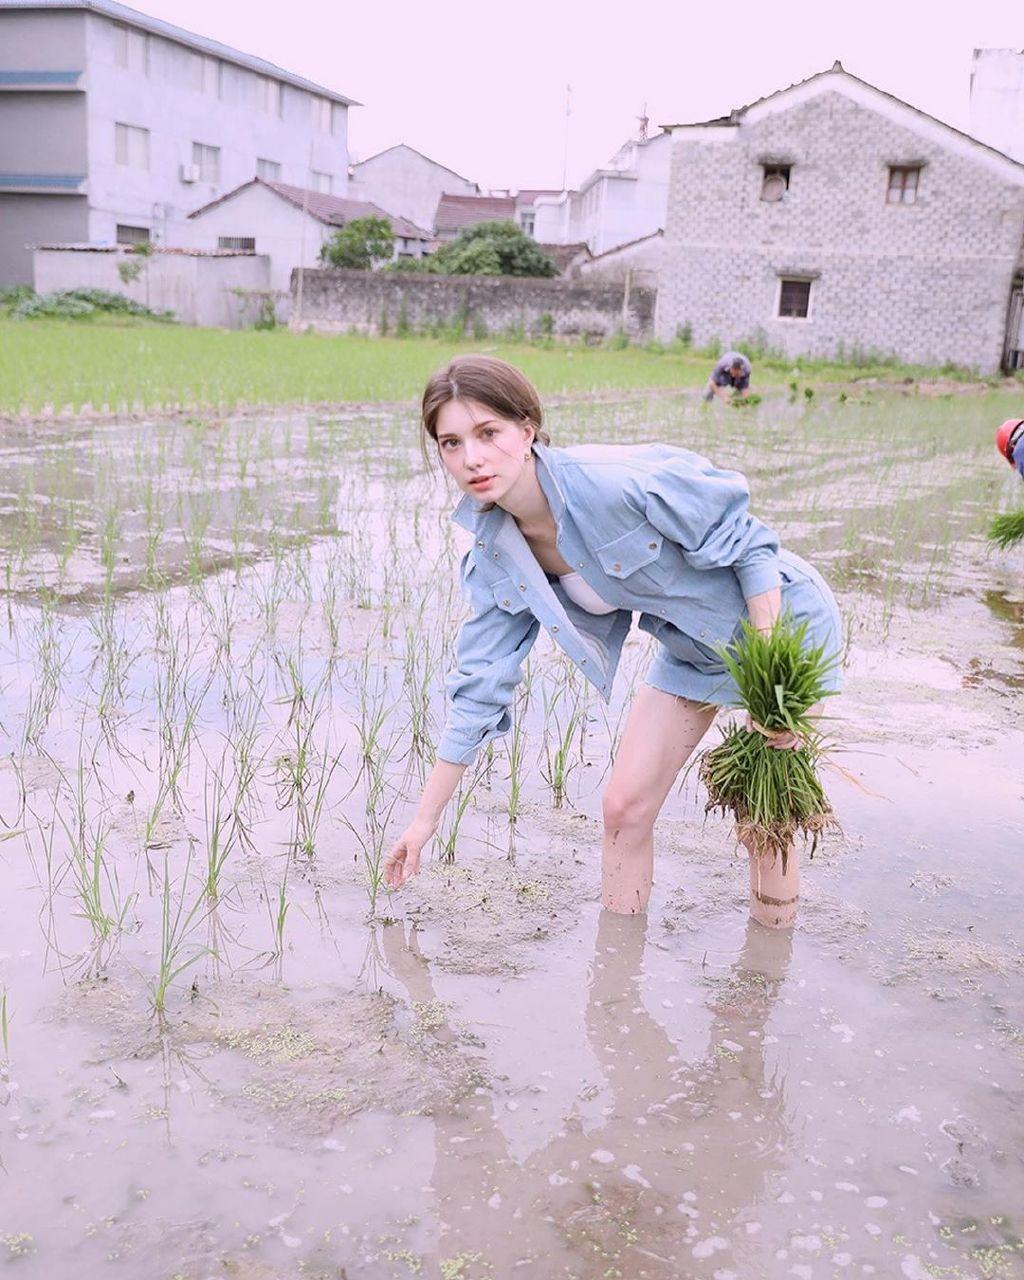 要不要考虑娶个外国老婆,帮你插水稻